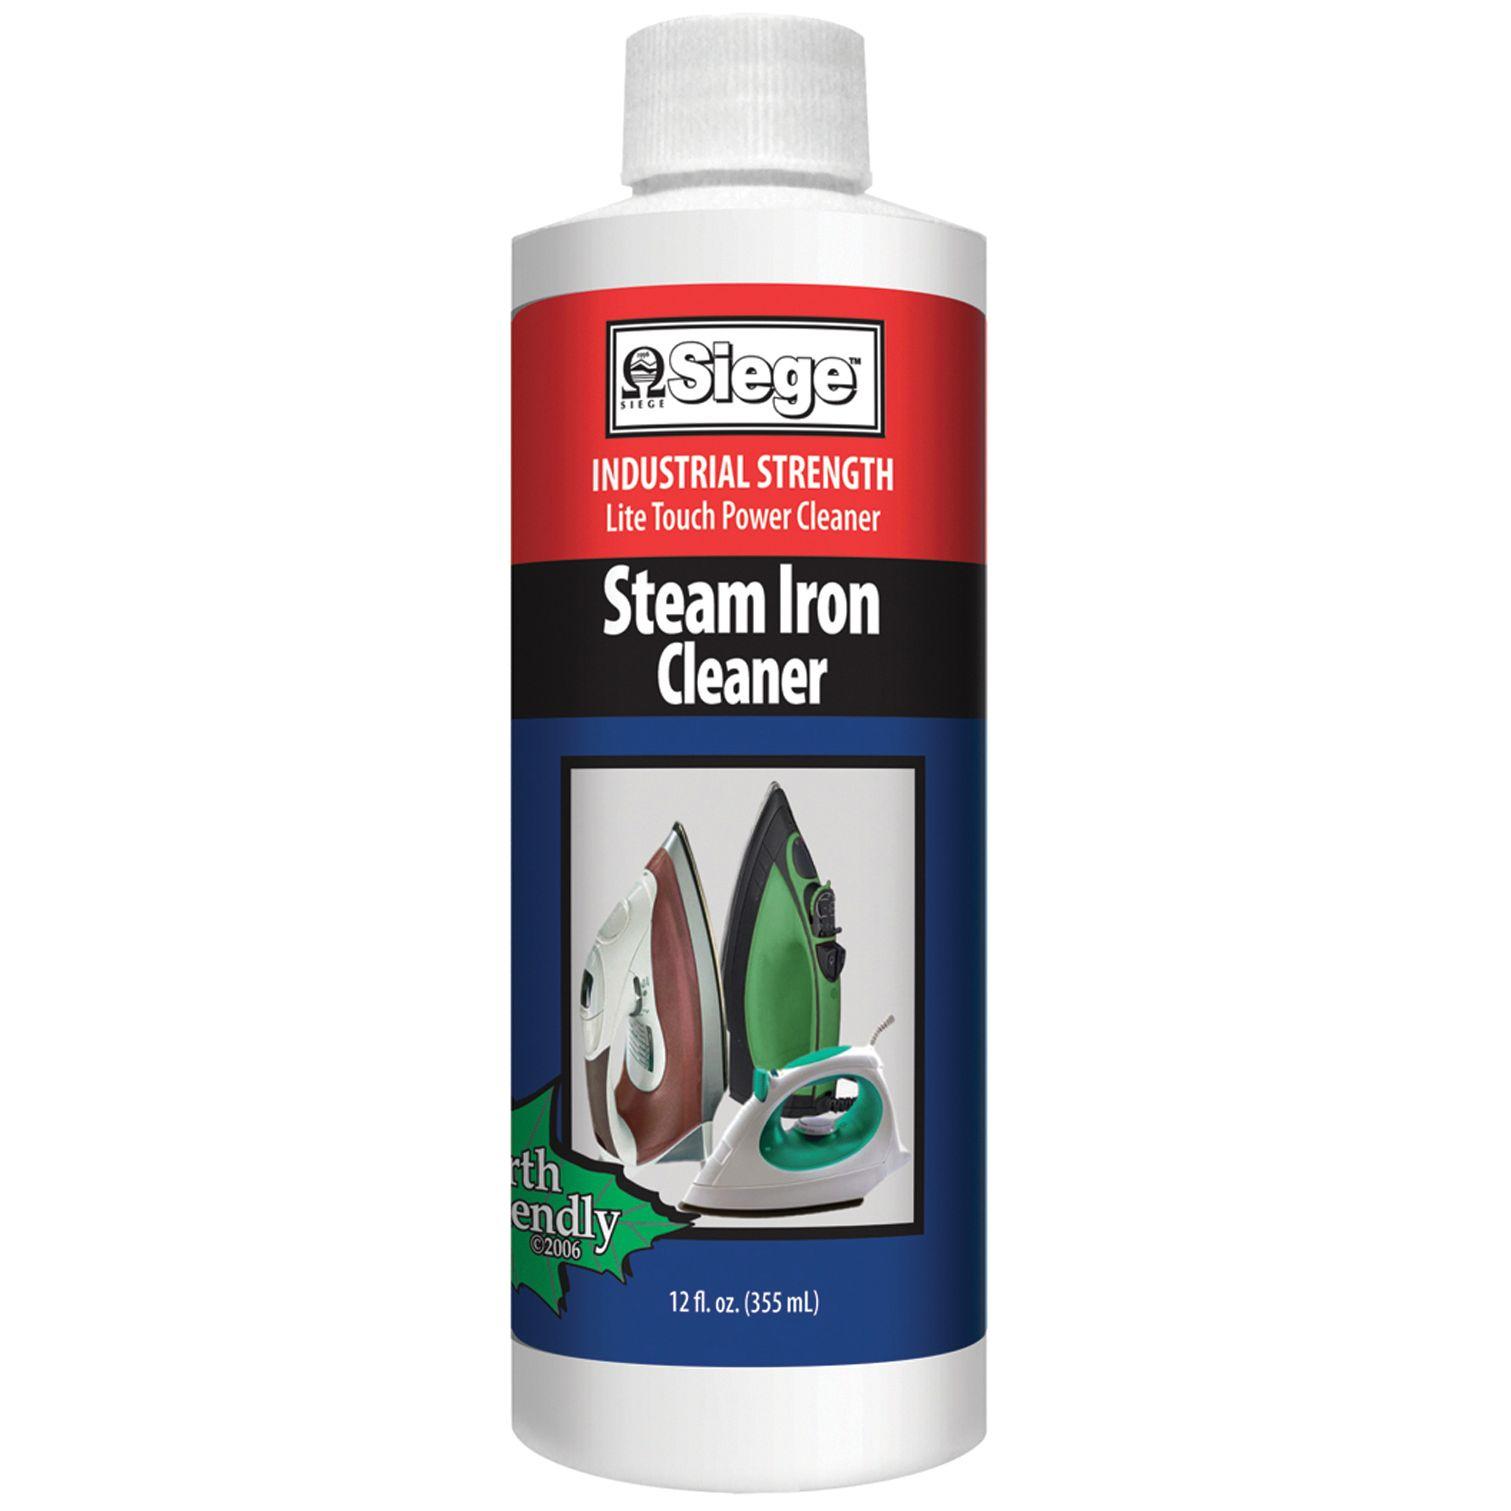 Siege Steam Iron Cleaner